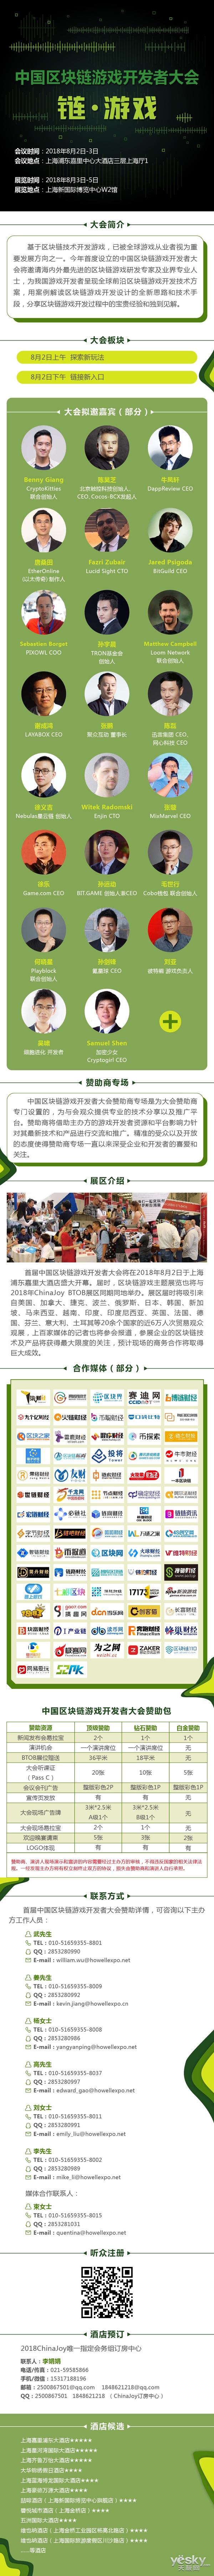 链・游戏 ―― 中国区块链游戏开发者大会召开在即!